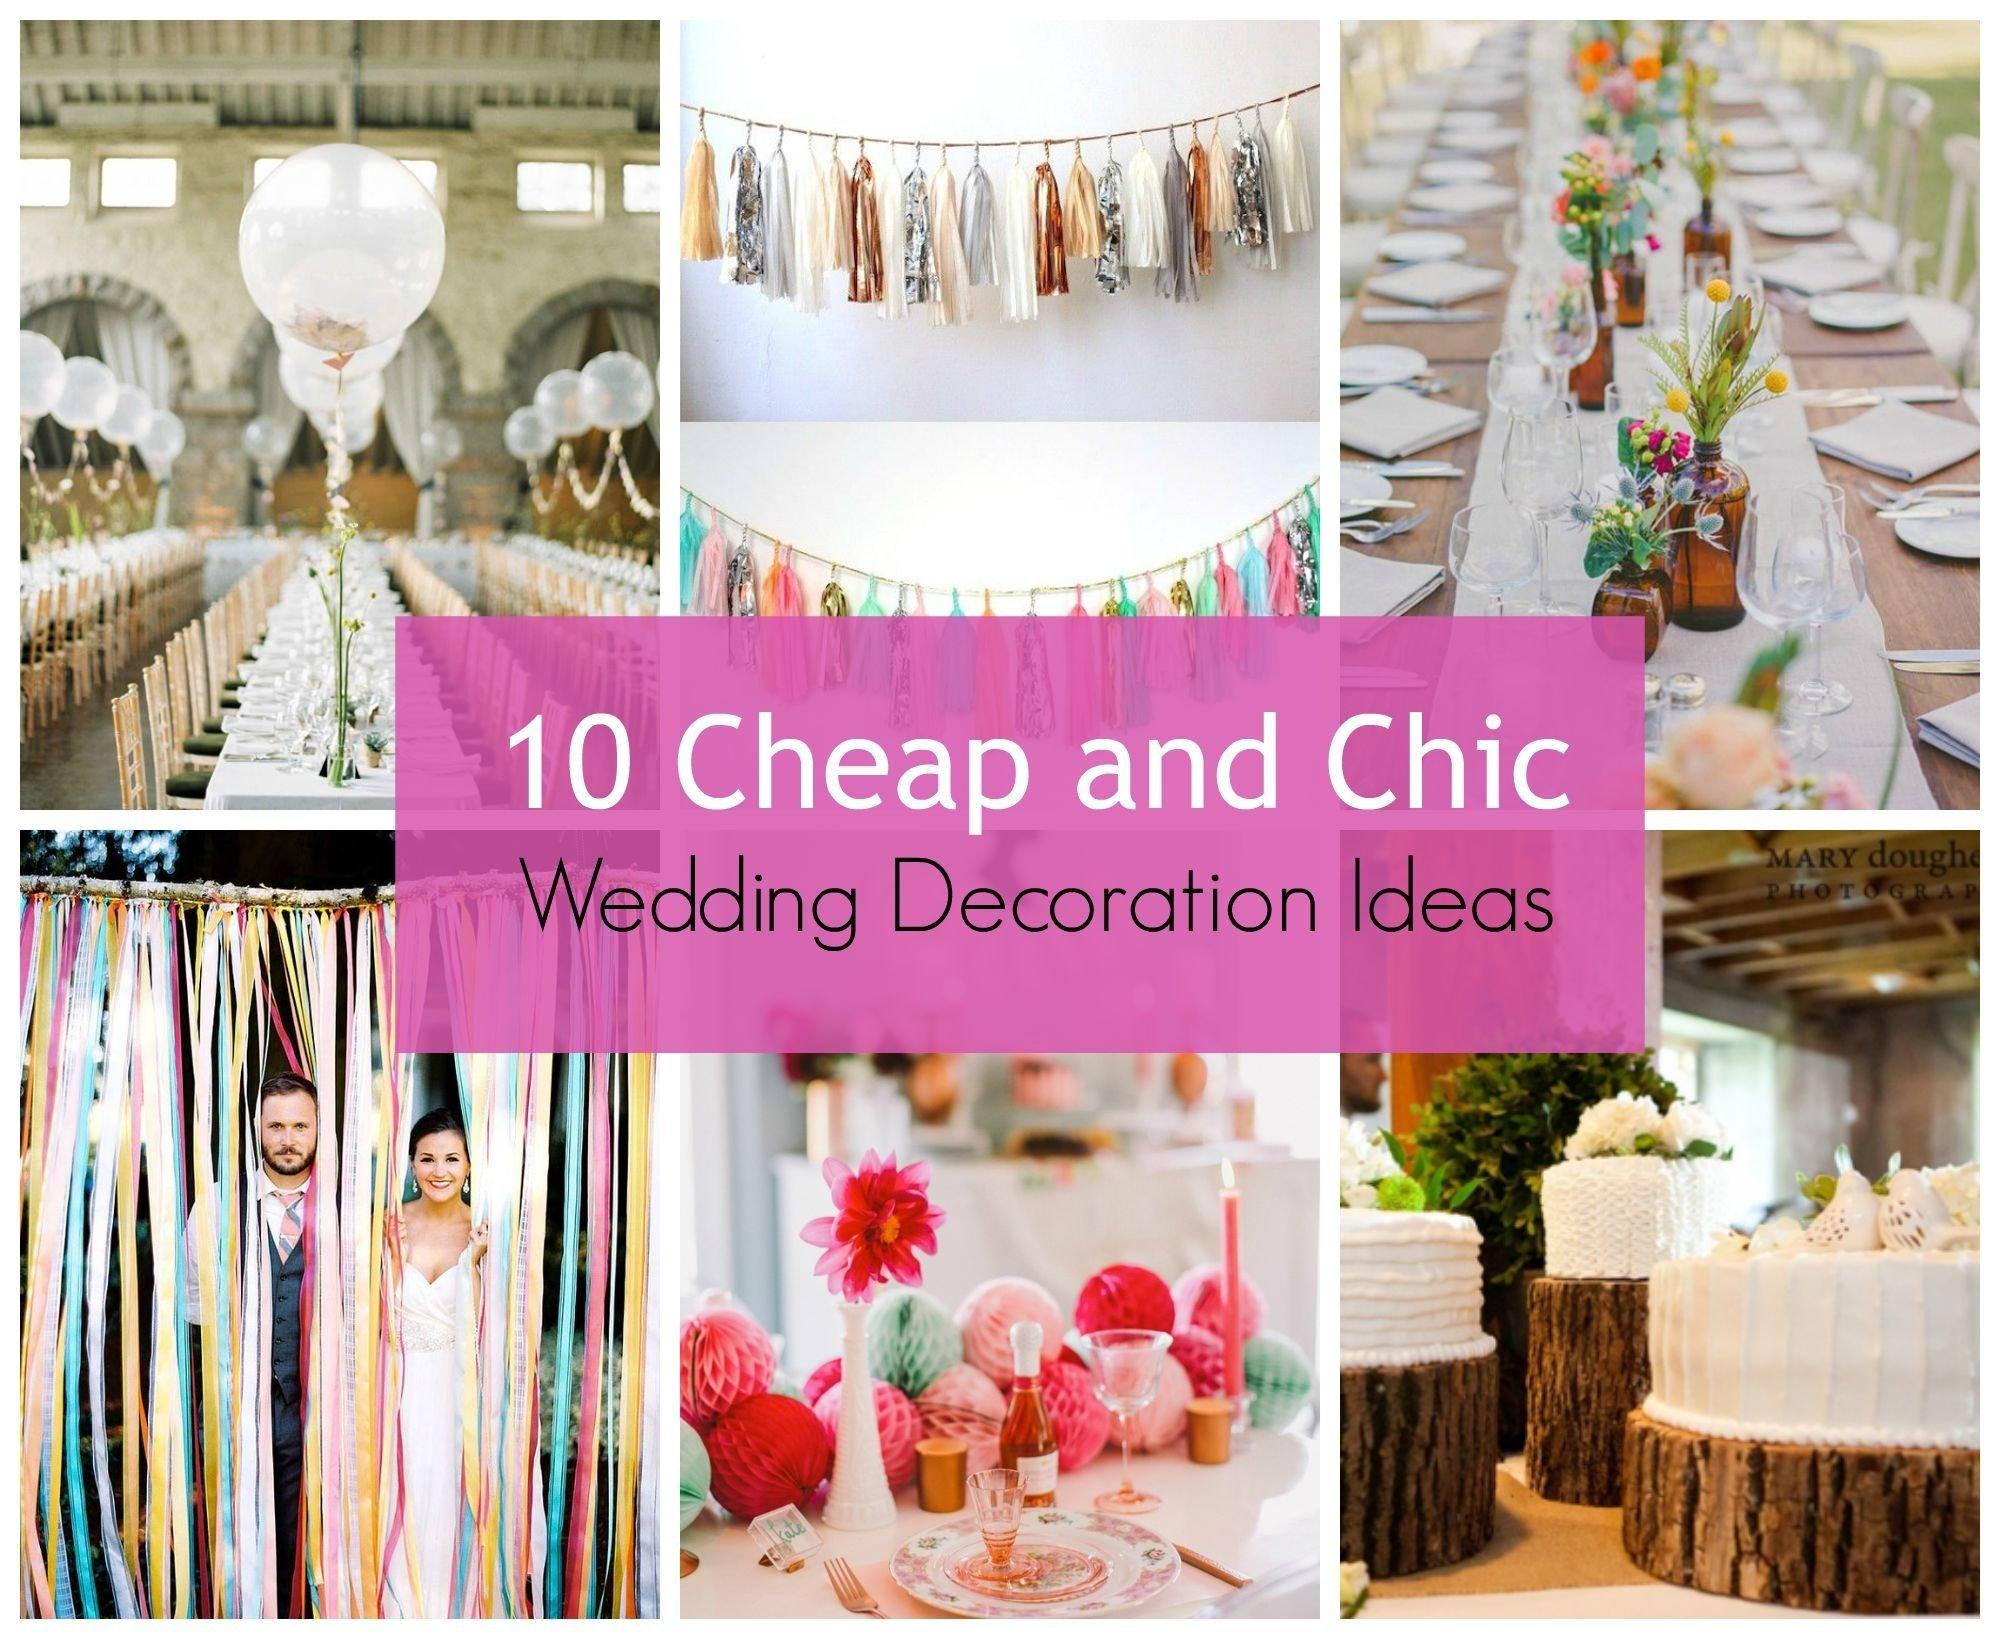 10 Pretty Creative Wedding Ideas On A Budget wedding decor simple wedding decorating ideas on a budget a 2020